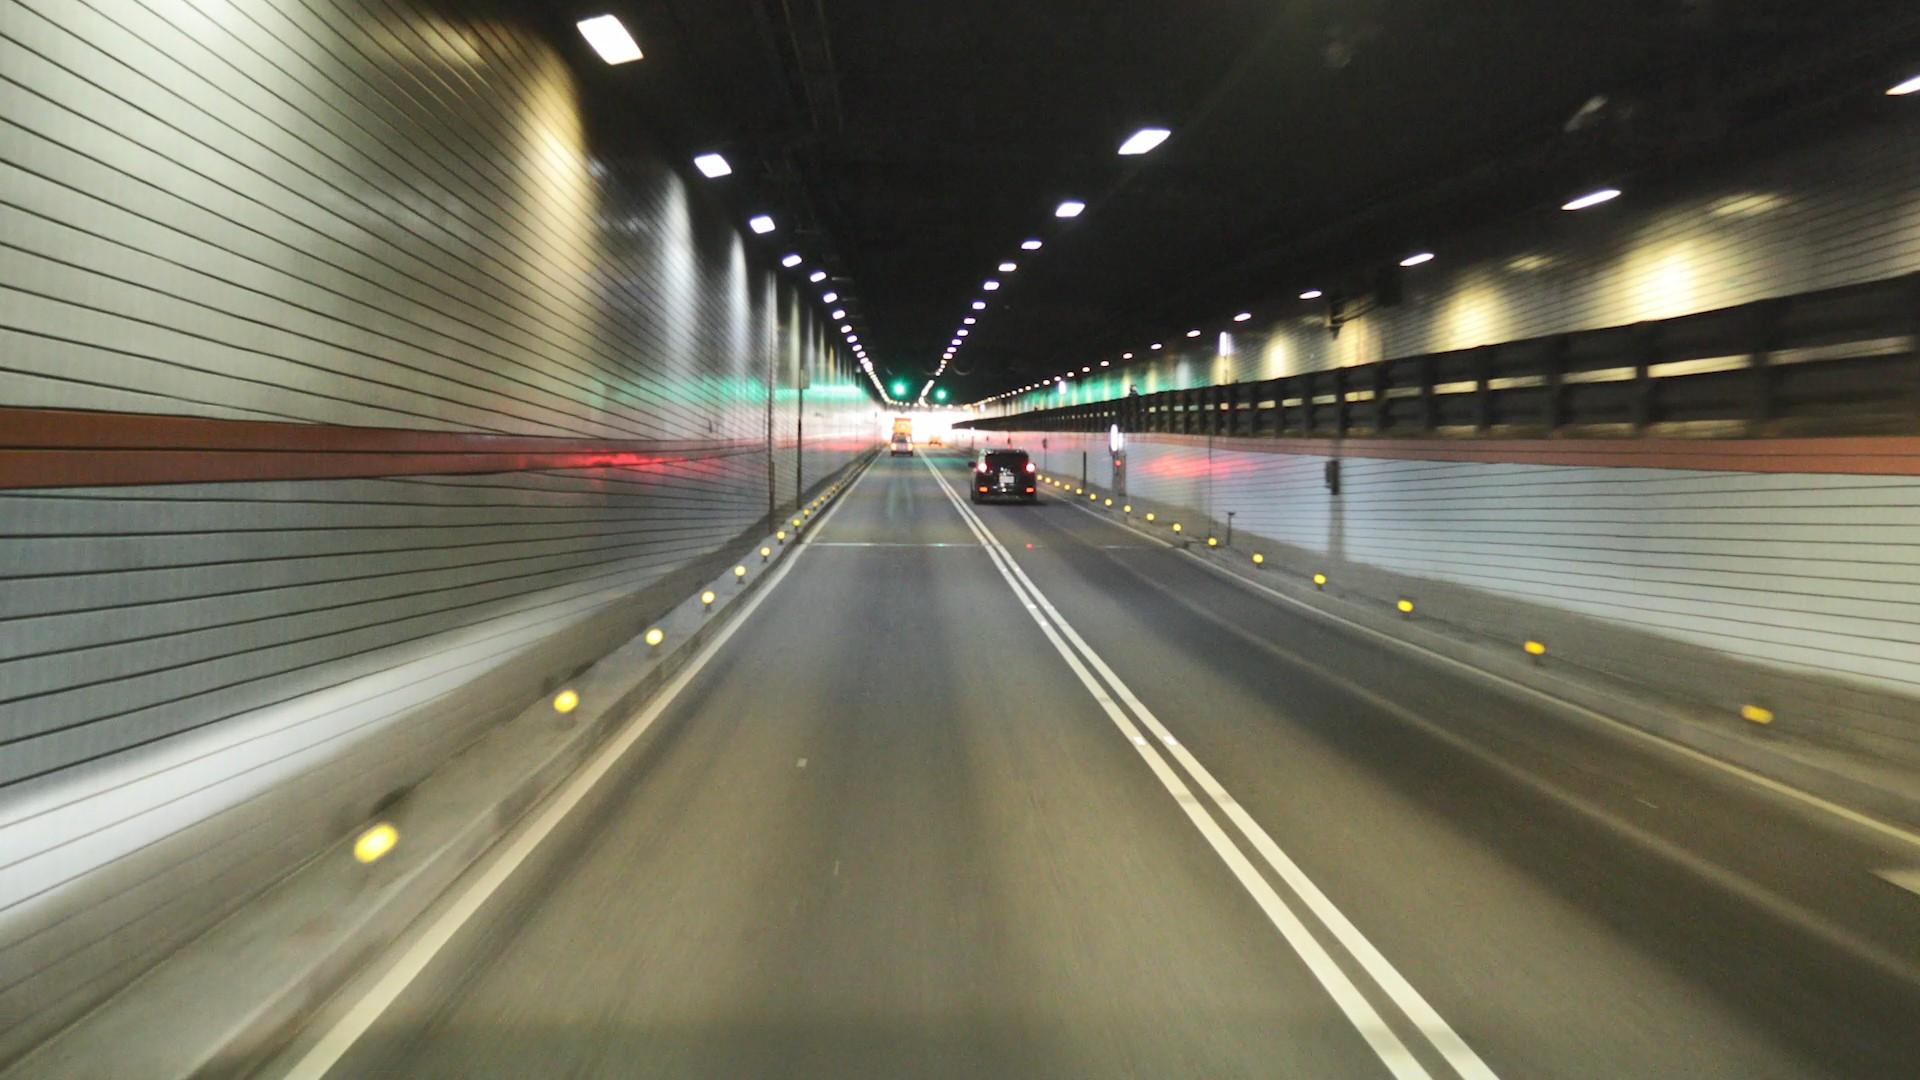 高雄港:1981年興建高雄過港隧道穿越南北主航道,橫跨高雄市前鎮區與旗津區之間,穿過寬440公尺、水深14公尺之主航道,是台灣唯一的水底公路。